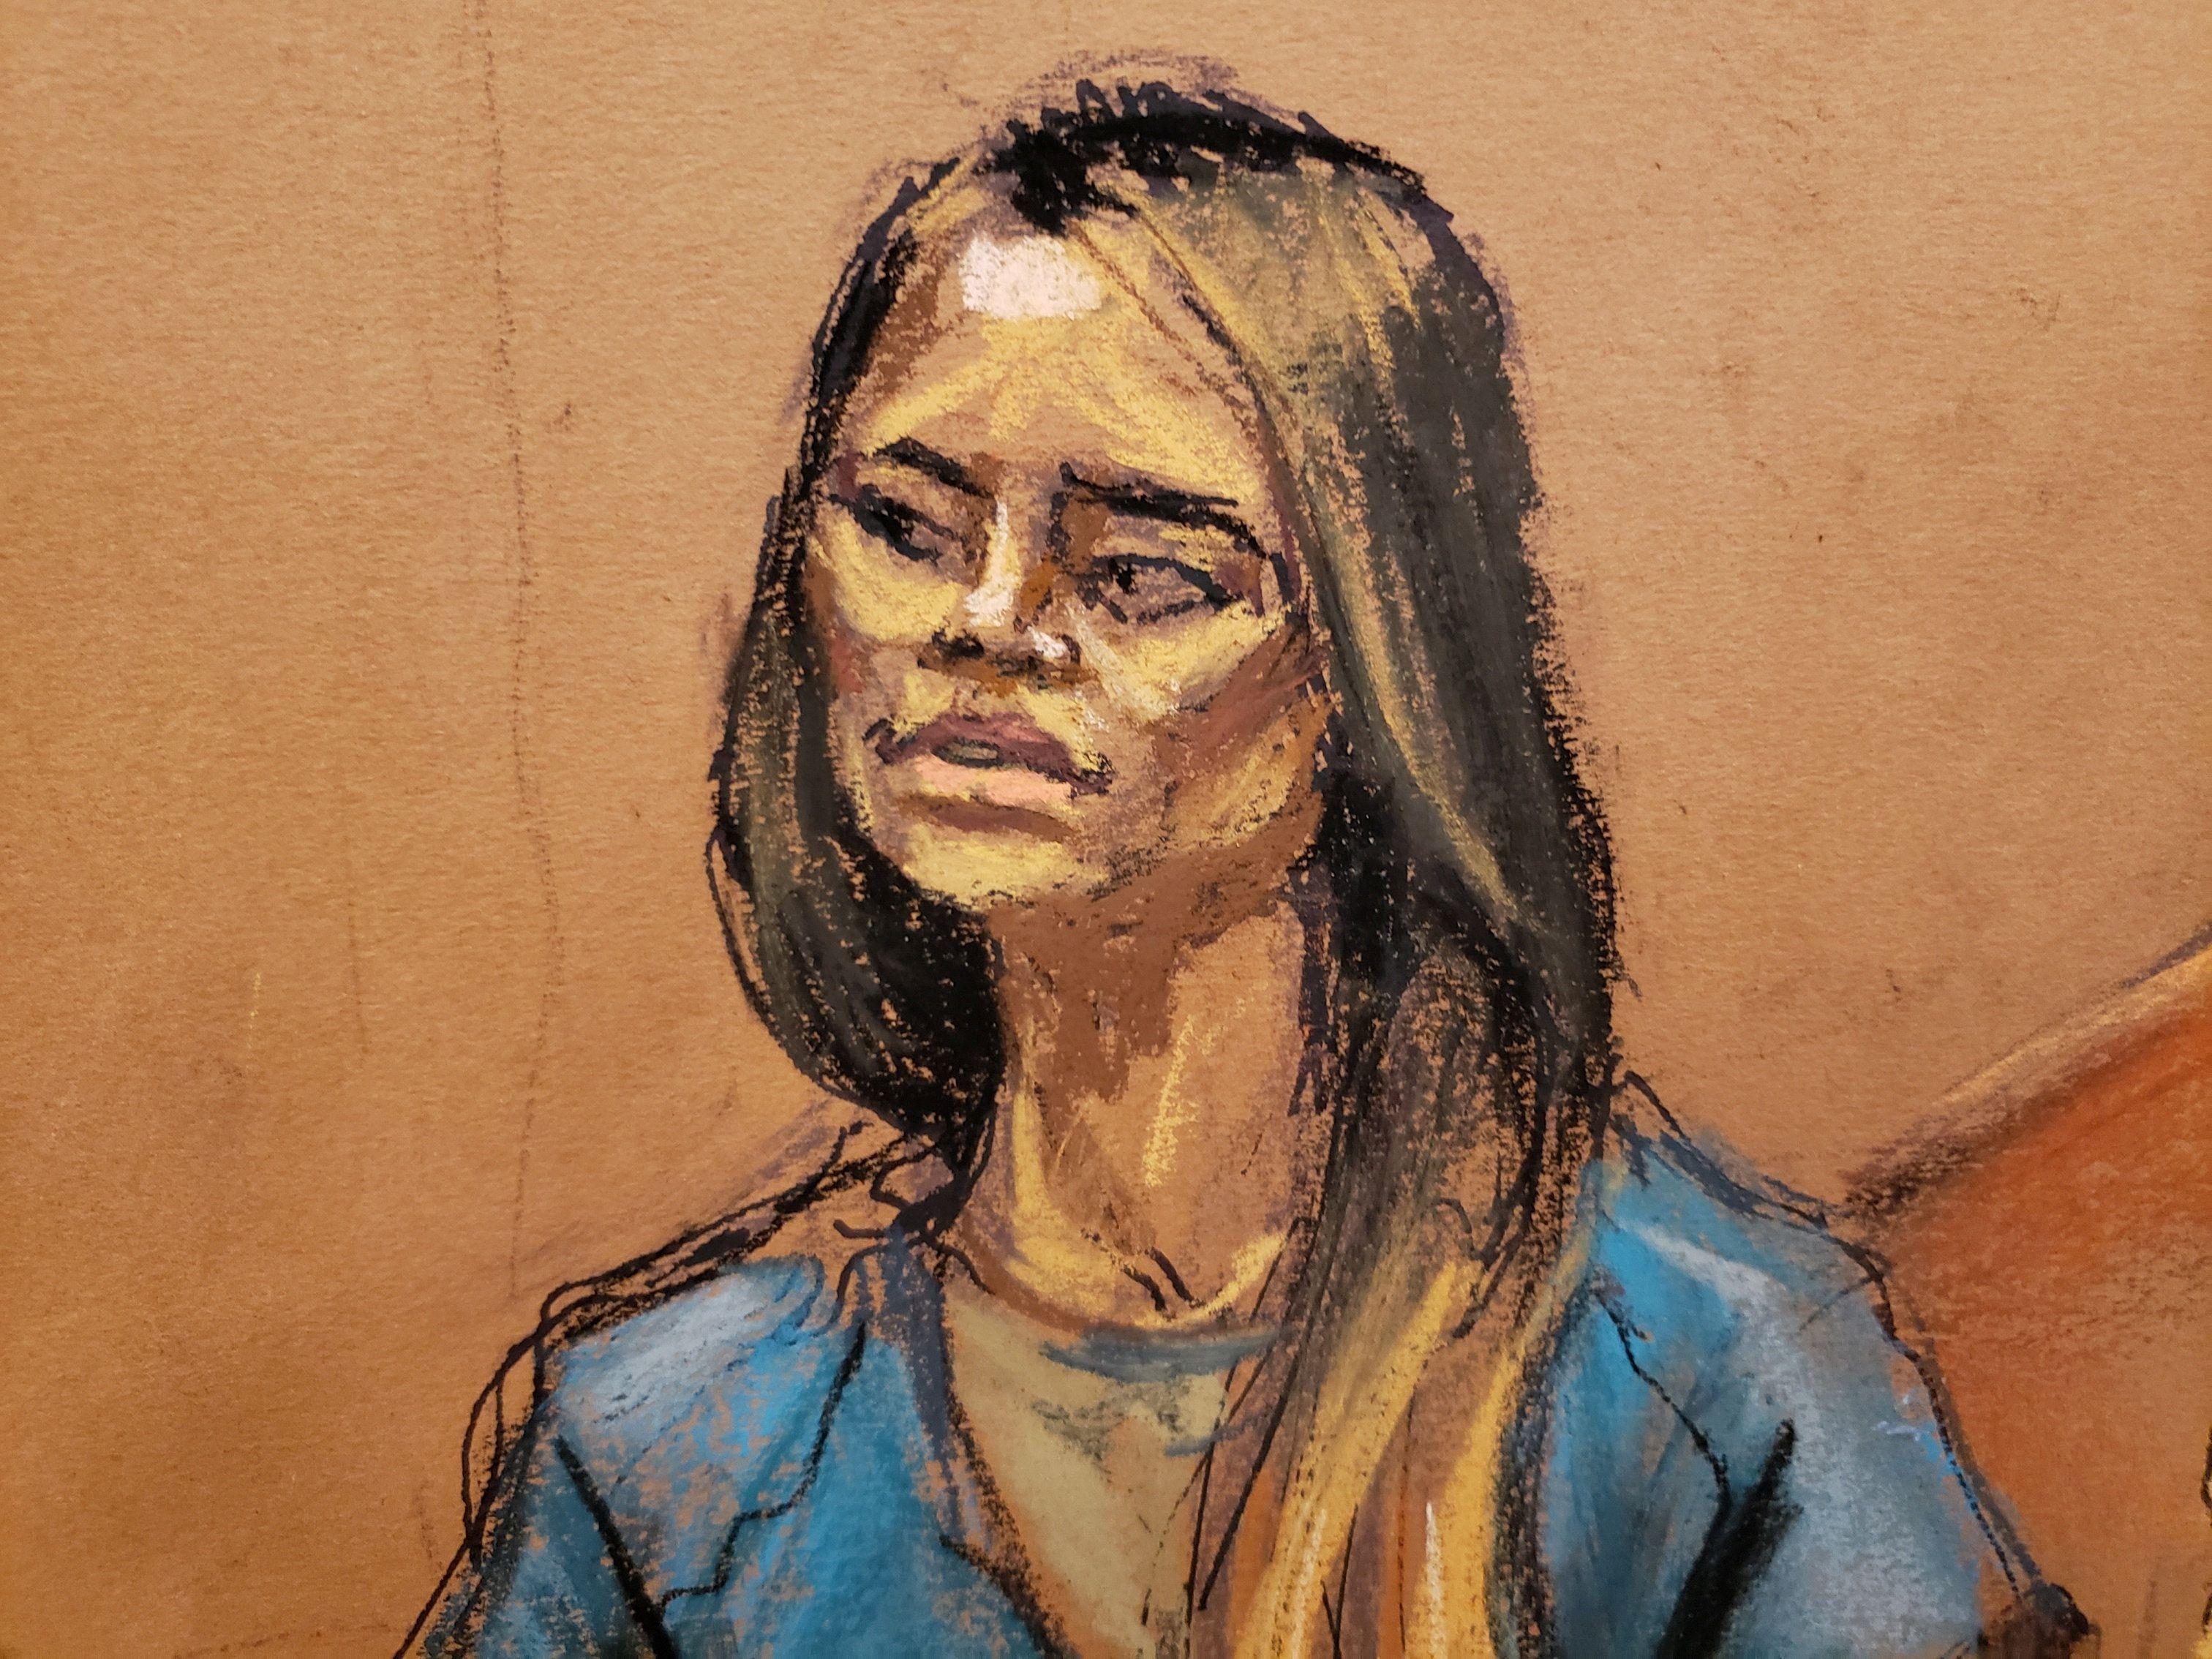 Lucero Sánchez está detenida en Estados Unidos y podría enfrentar una pena de hasta 20 años de cárcel por tráfico de cocaína (Foto: Archivo)